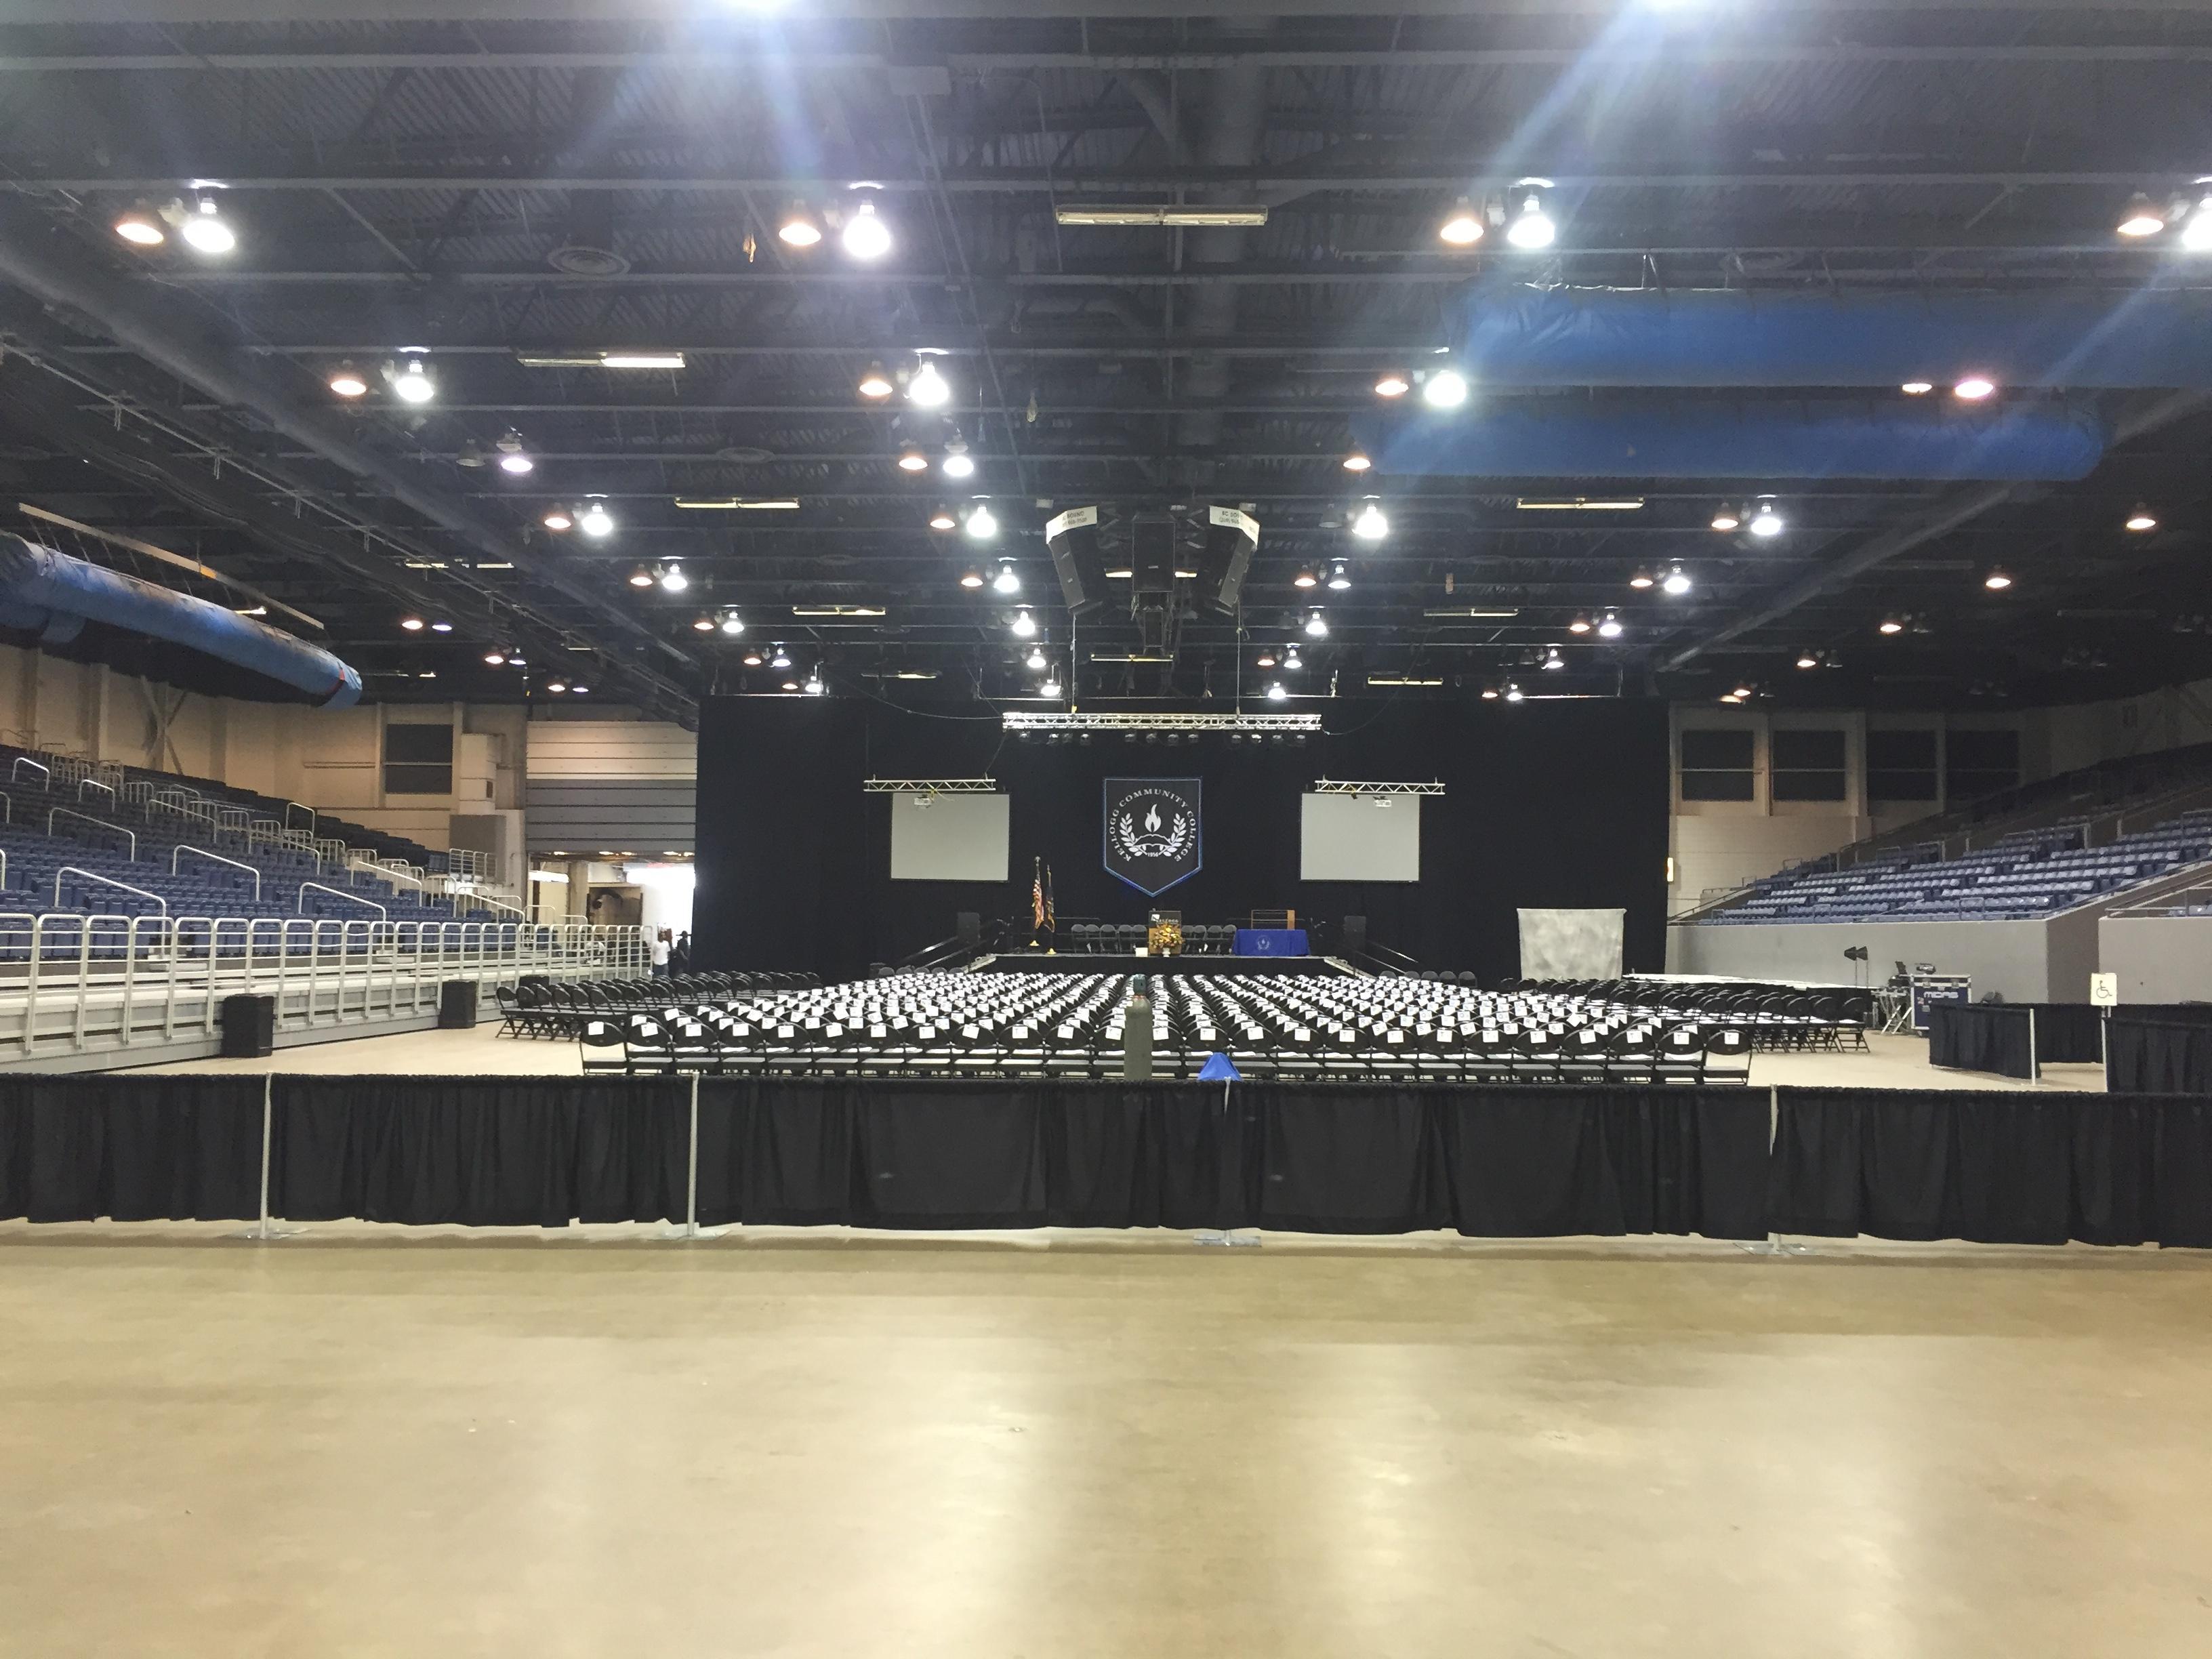 Kellogg Arena image 11